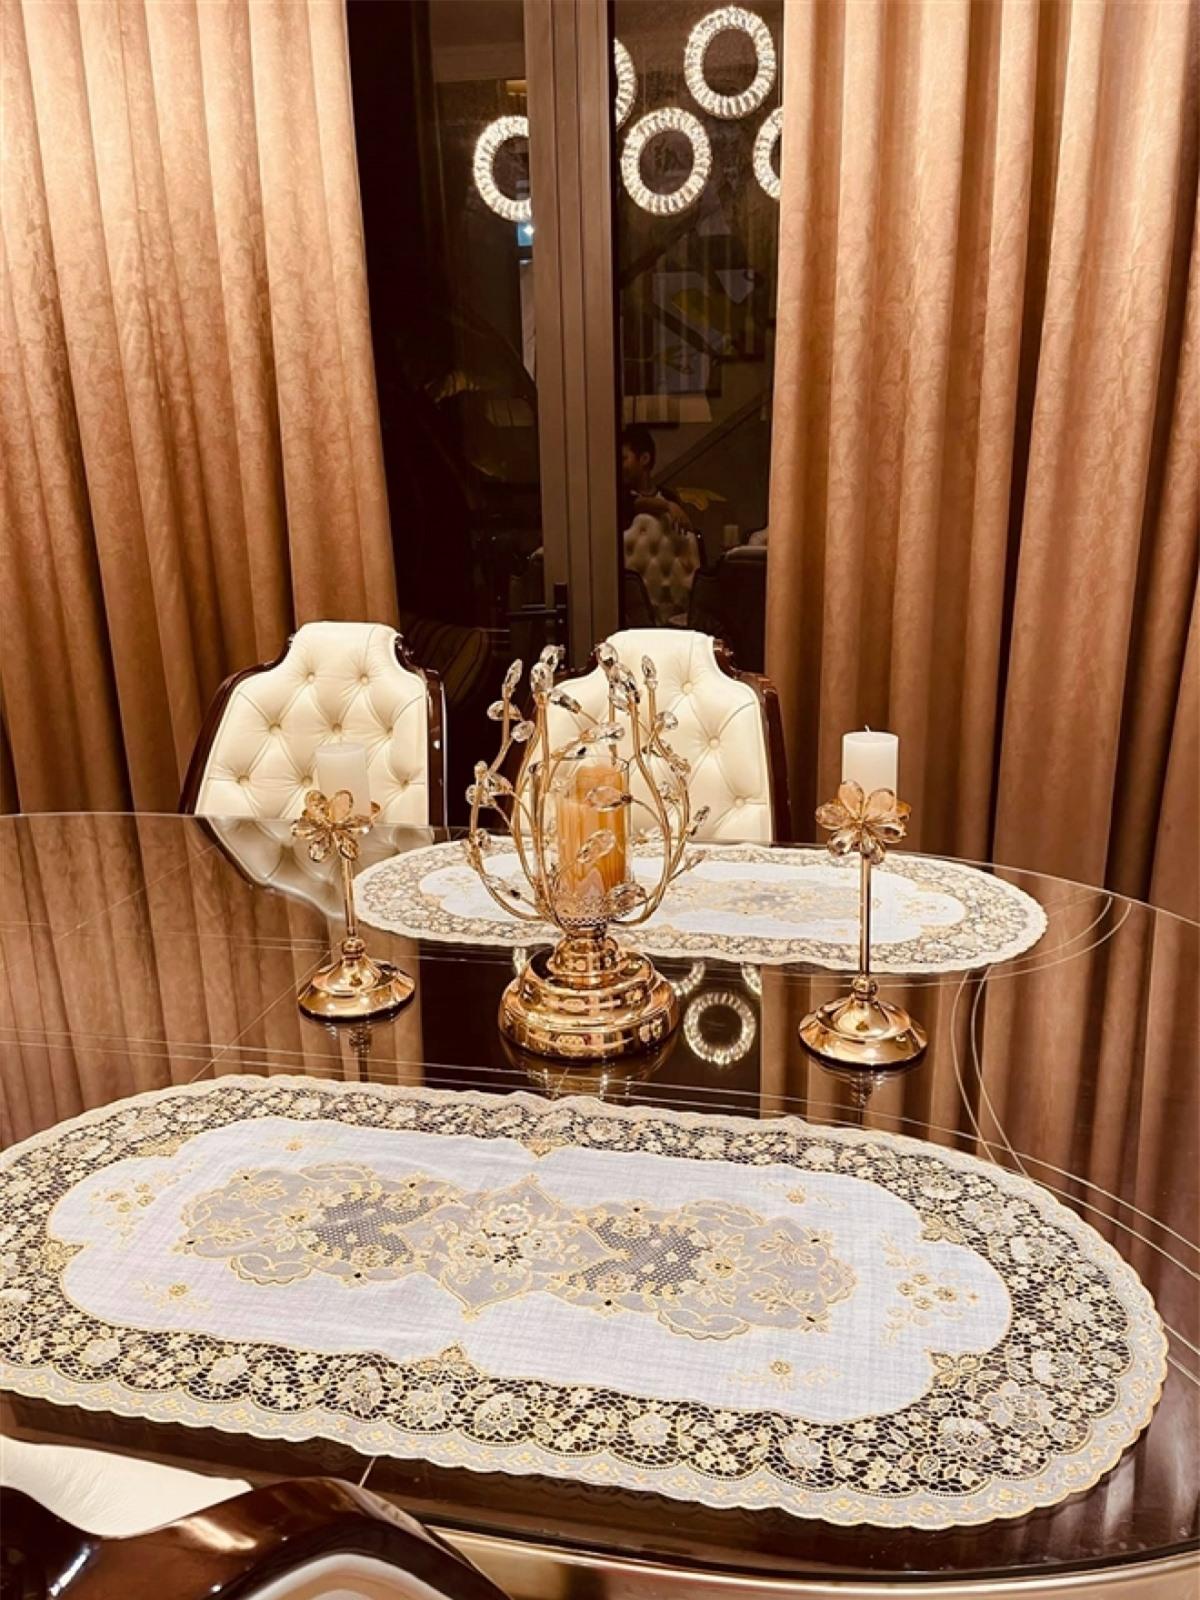 Góc bàn ăn nhà nàng MC mang phong cách hoàng gia.